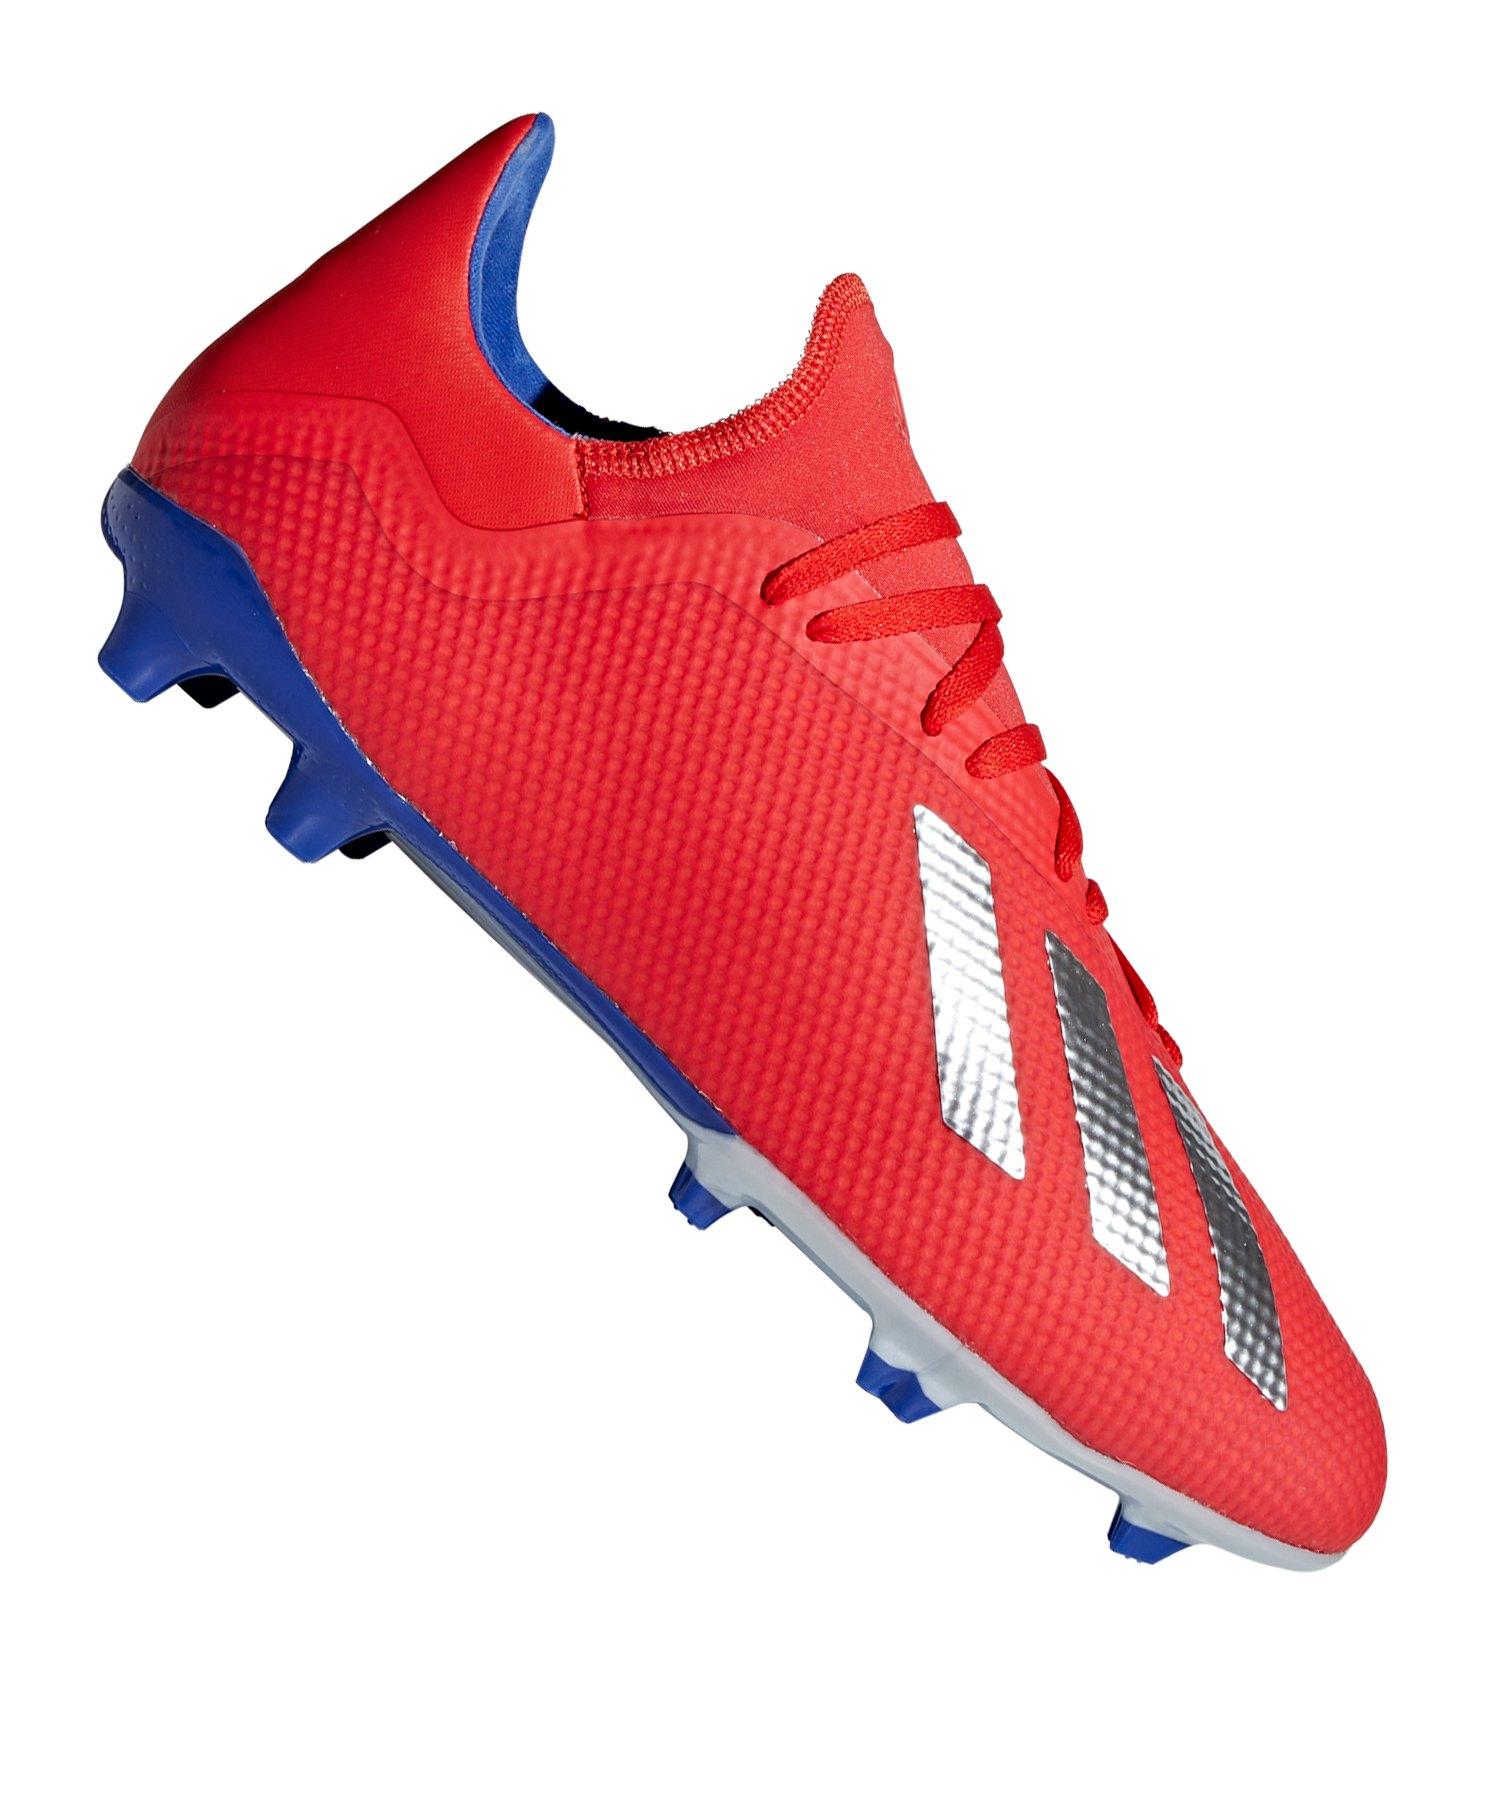 adidas X 18.3 FG Rot Blau - rot